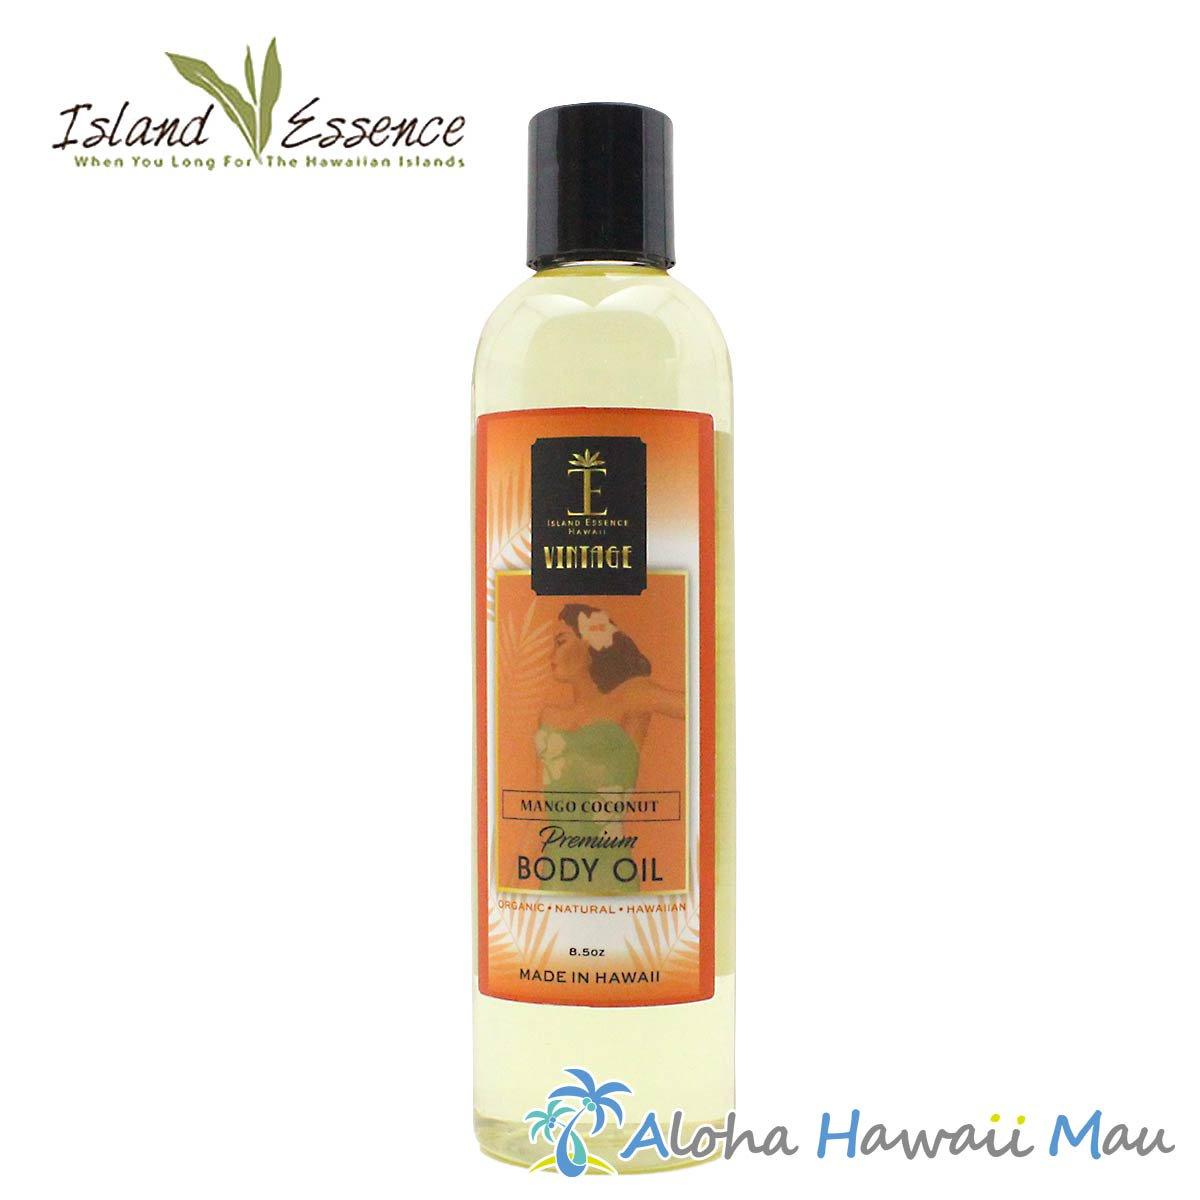 Island Essence マッサージ&バスオイル マンゴーココナッツの香り 250ml